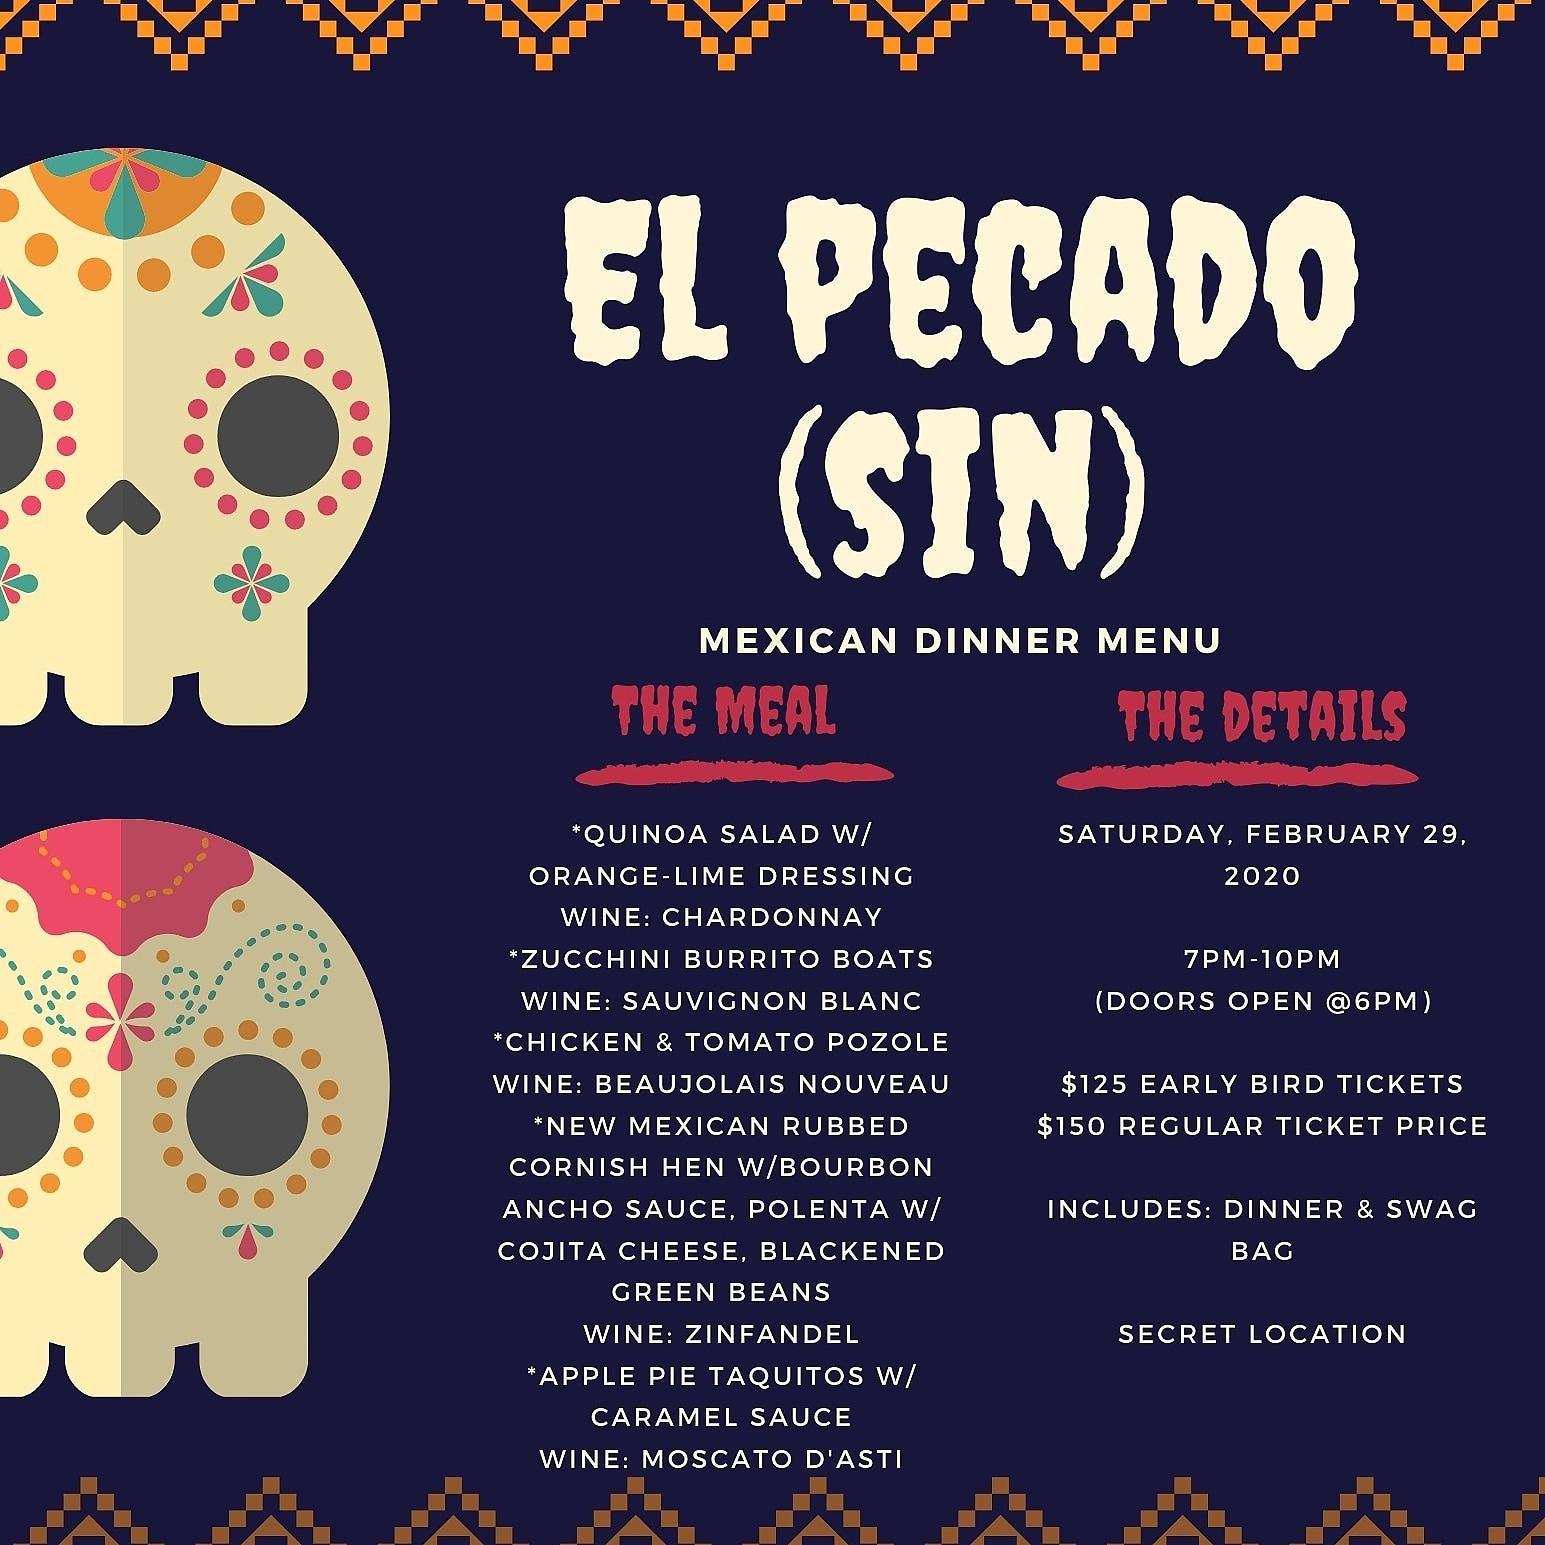 El Pecado (Sin): A Mexican Theme Dining Experience